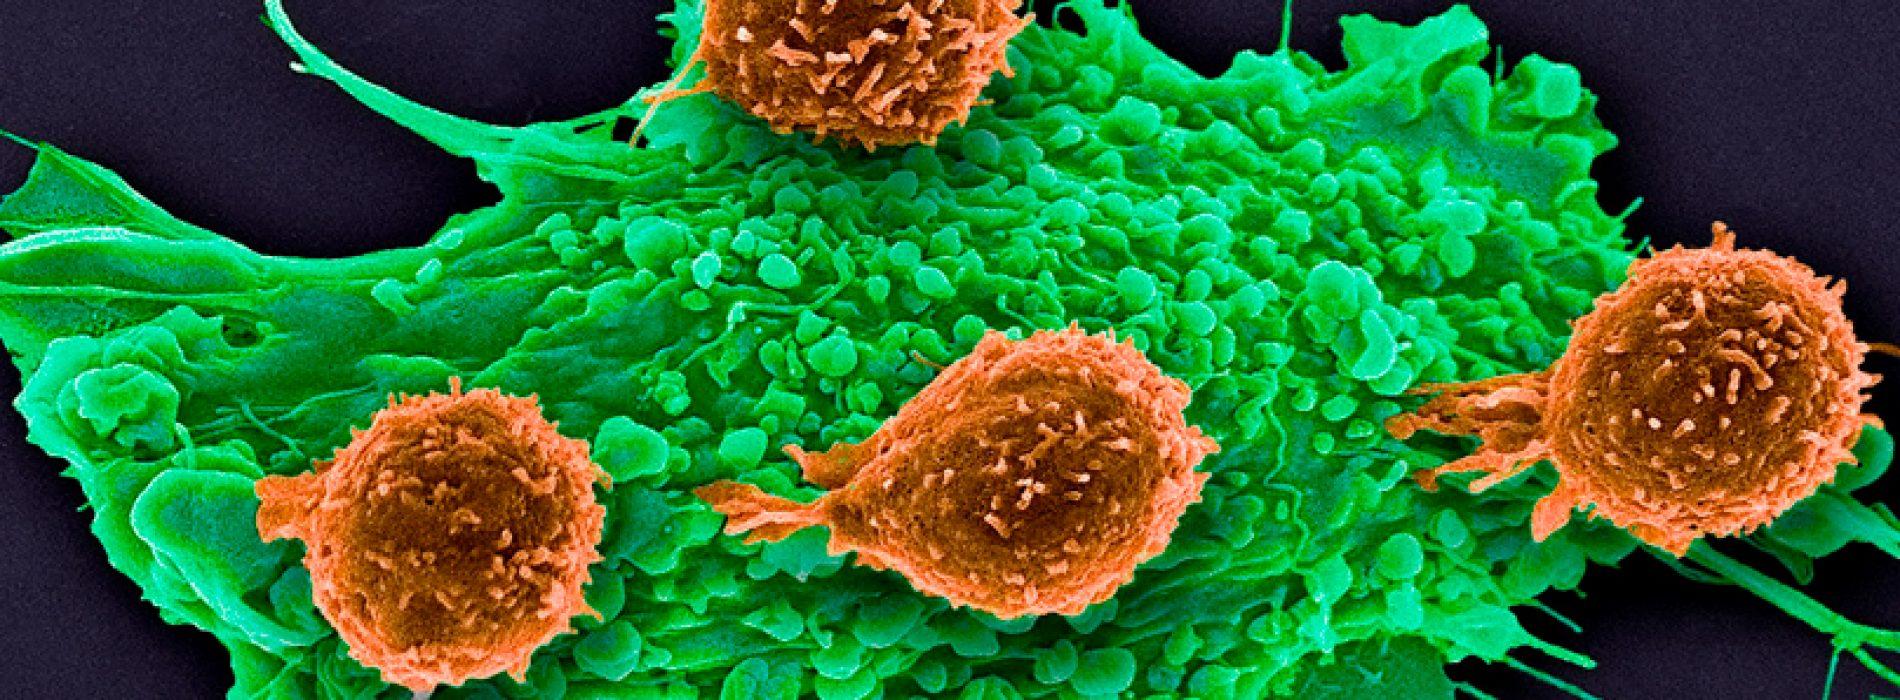 La técnica más avanzada de edición genética CRISPR pasa el ensayo clínico en tres pacientes de cáncer